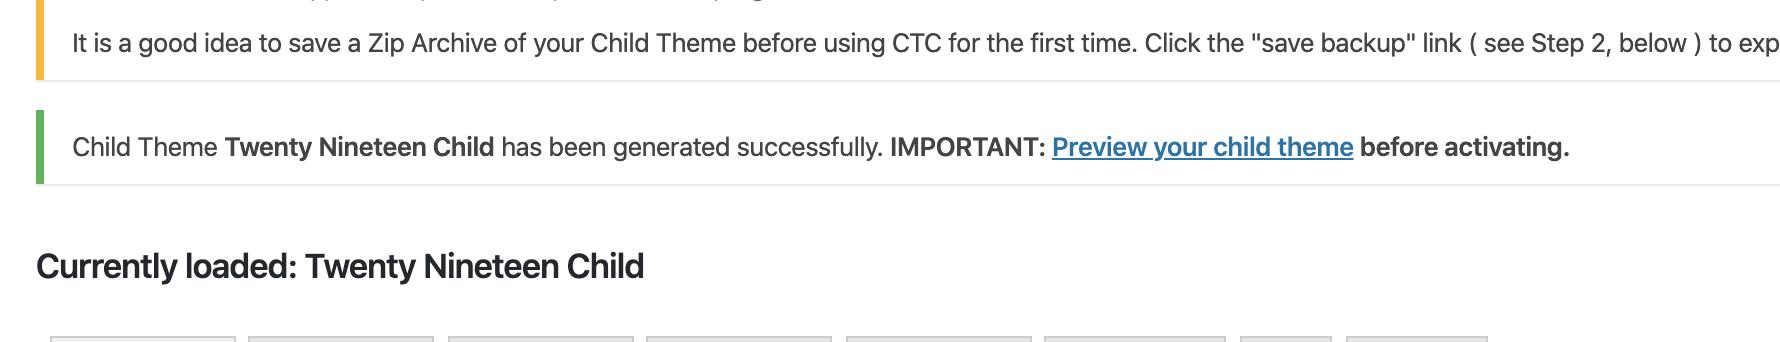 今度はちゃんと「Child Theme Configurator」で子テーマが作られました【解決!!】急に!!「現在、このページへのアクセスは禁止されています。 サイト管理者の方はページの権限設定等が適切かご確認ください」